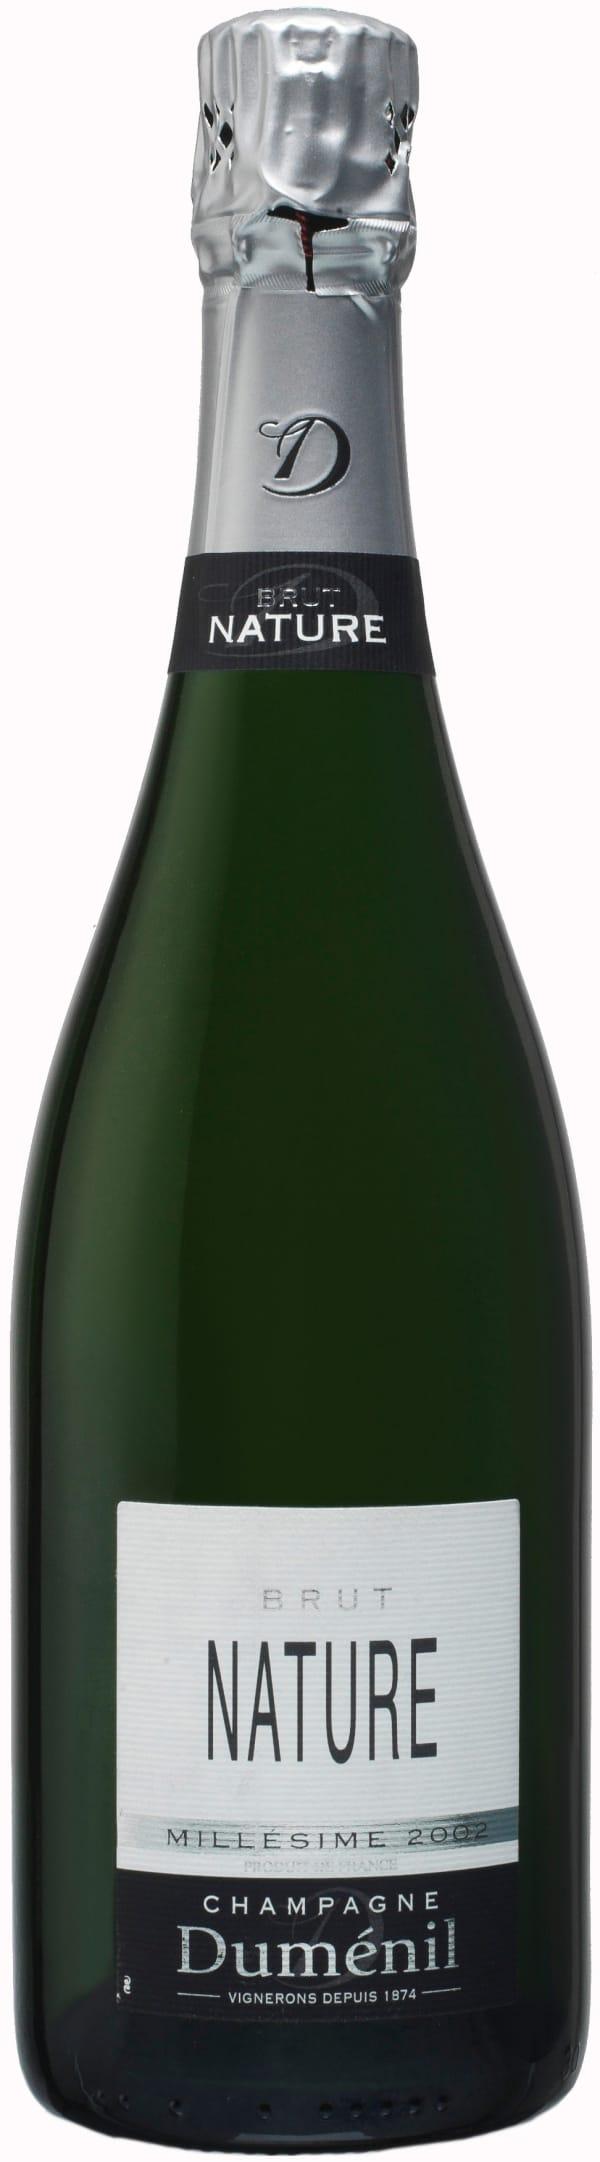 Duménil Nature Millésime Champagne Brut 2002